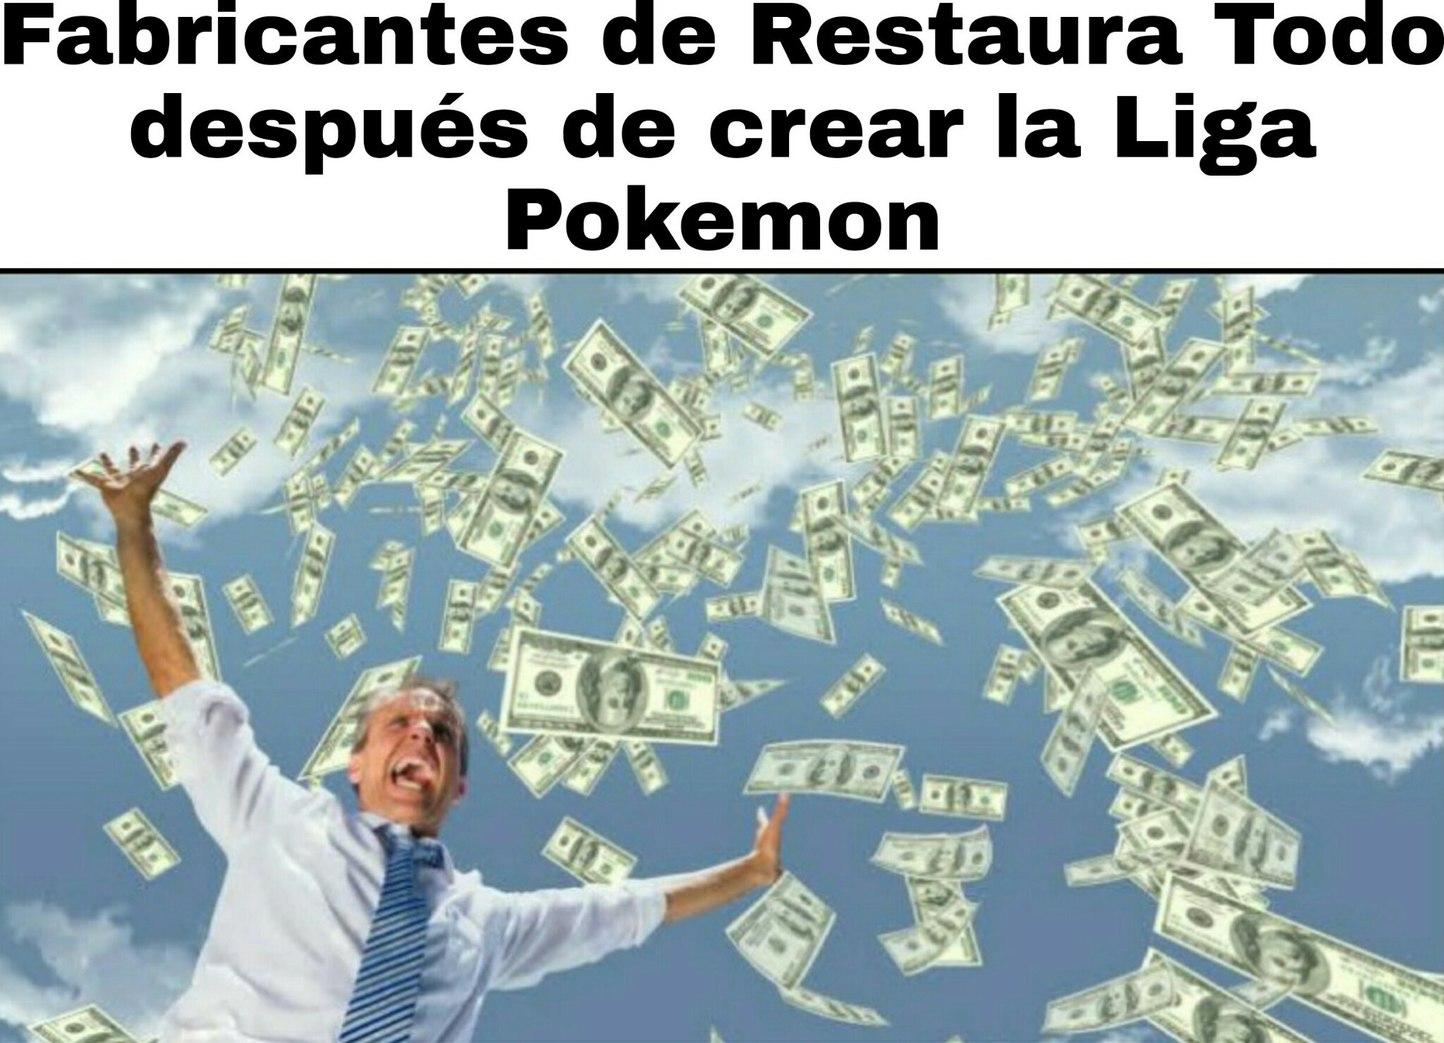 Dinero infinito - meme